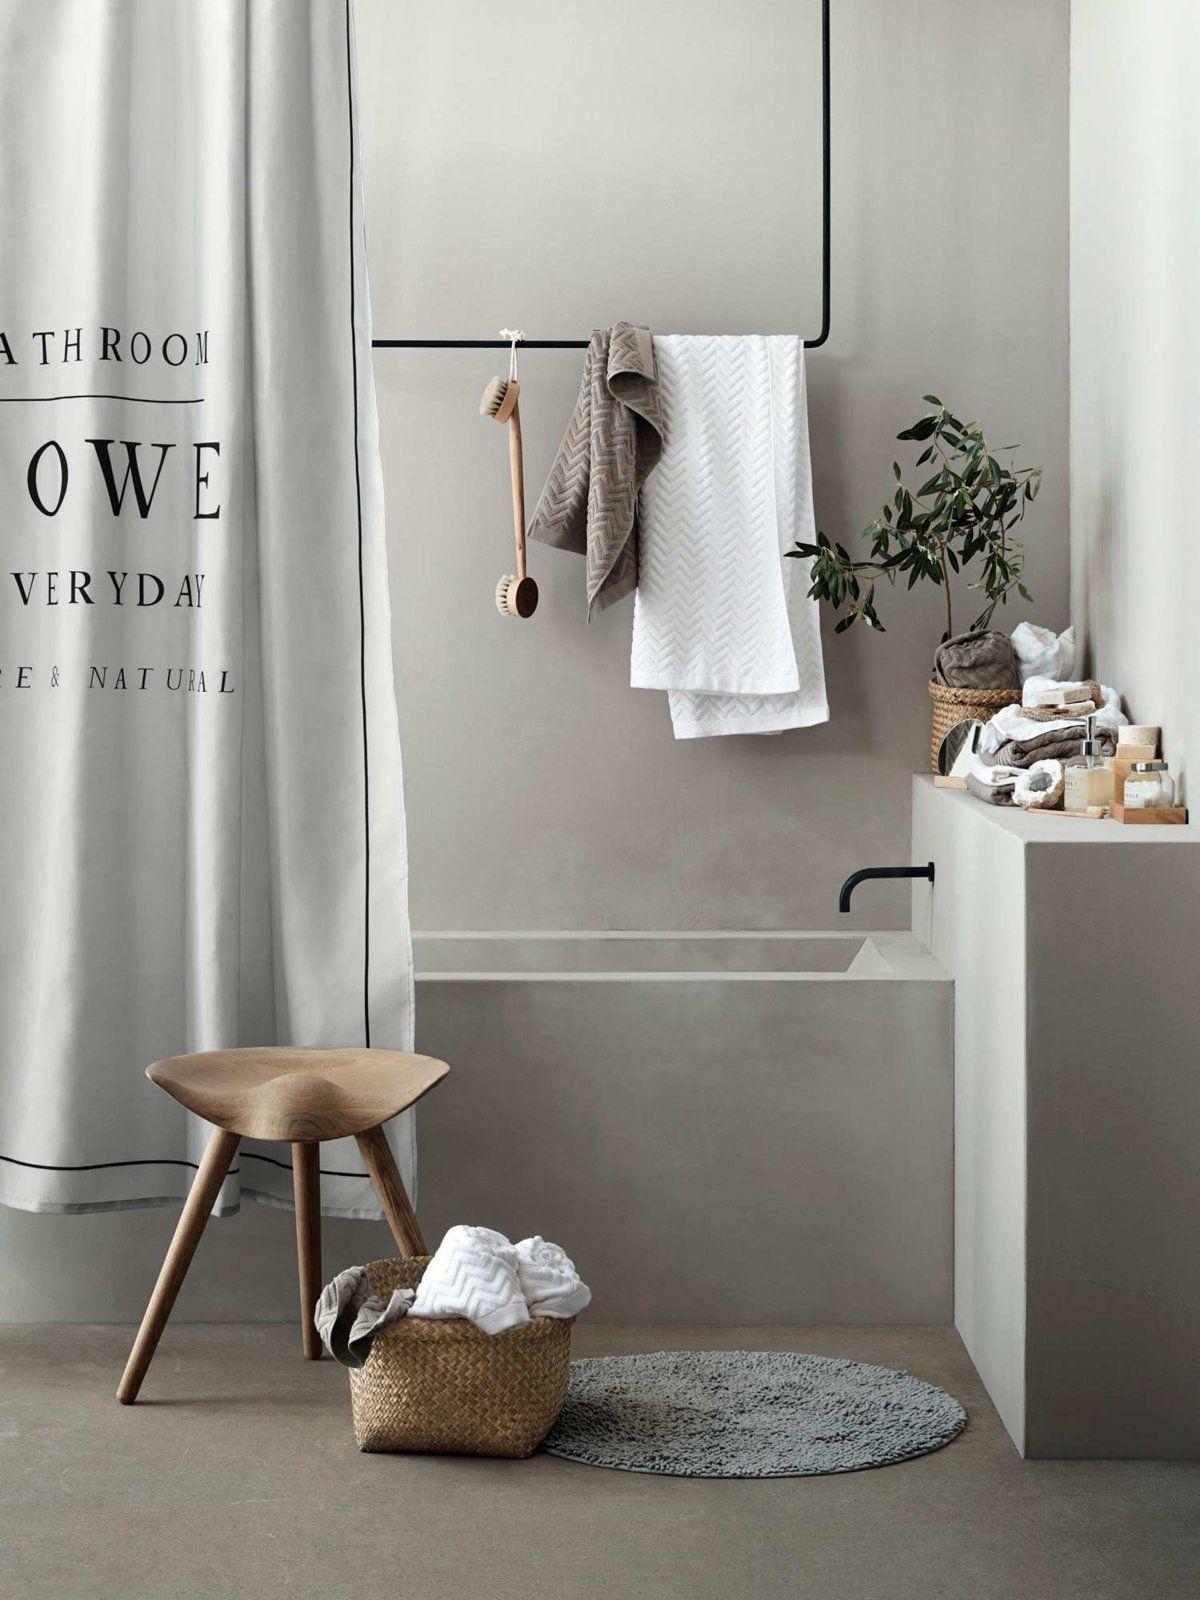 Toll Badezimmer · Wie Kann Man Badetücher Und Handtücher Schön Aufhängen, Ohne  Dass Sie Nass Bleiben Oder übereinander